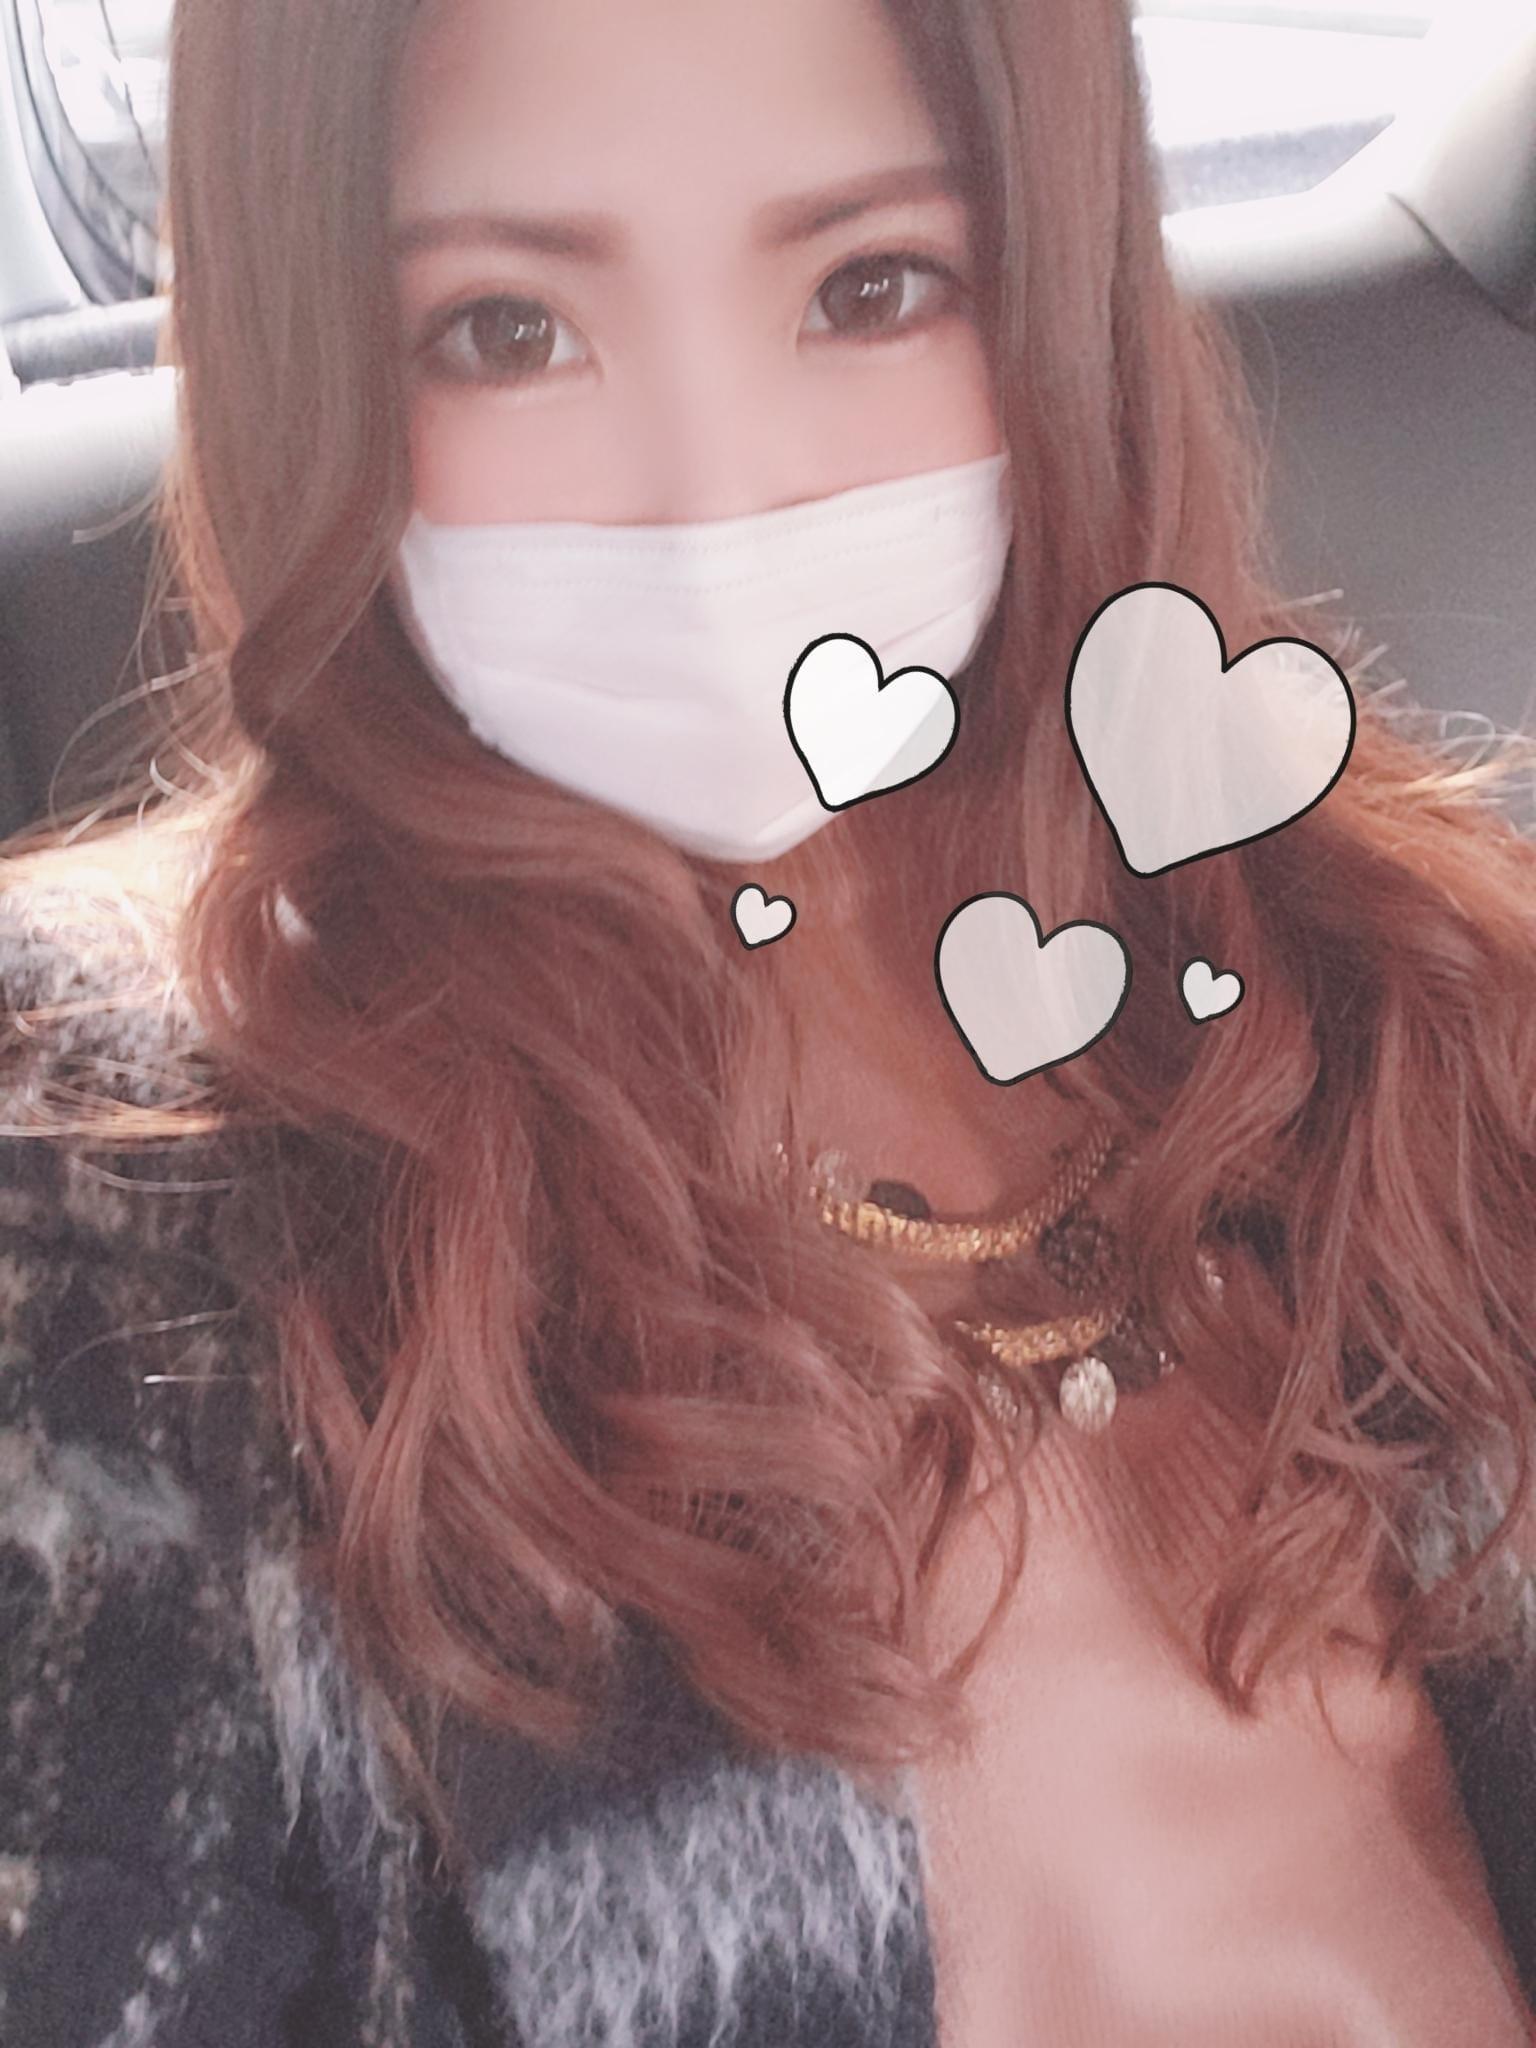 「あした☆」01/25(01/25) 16:25 | リナの写メ・風俗動画